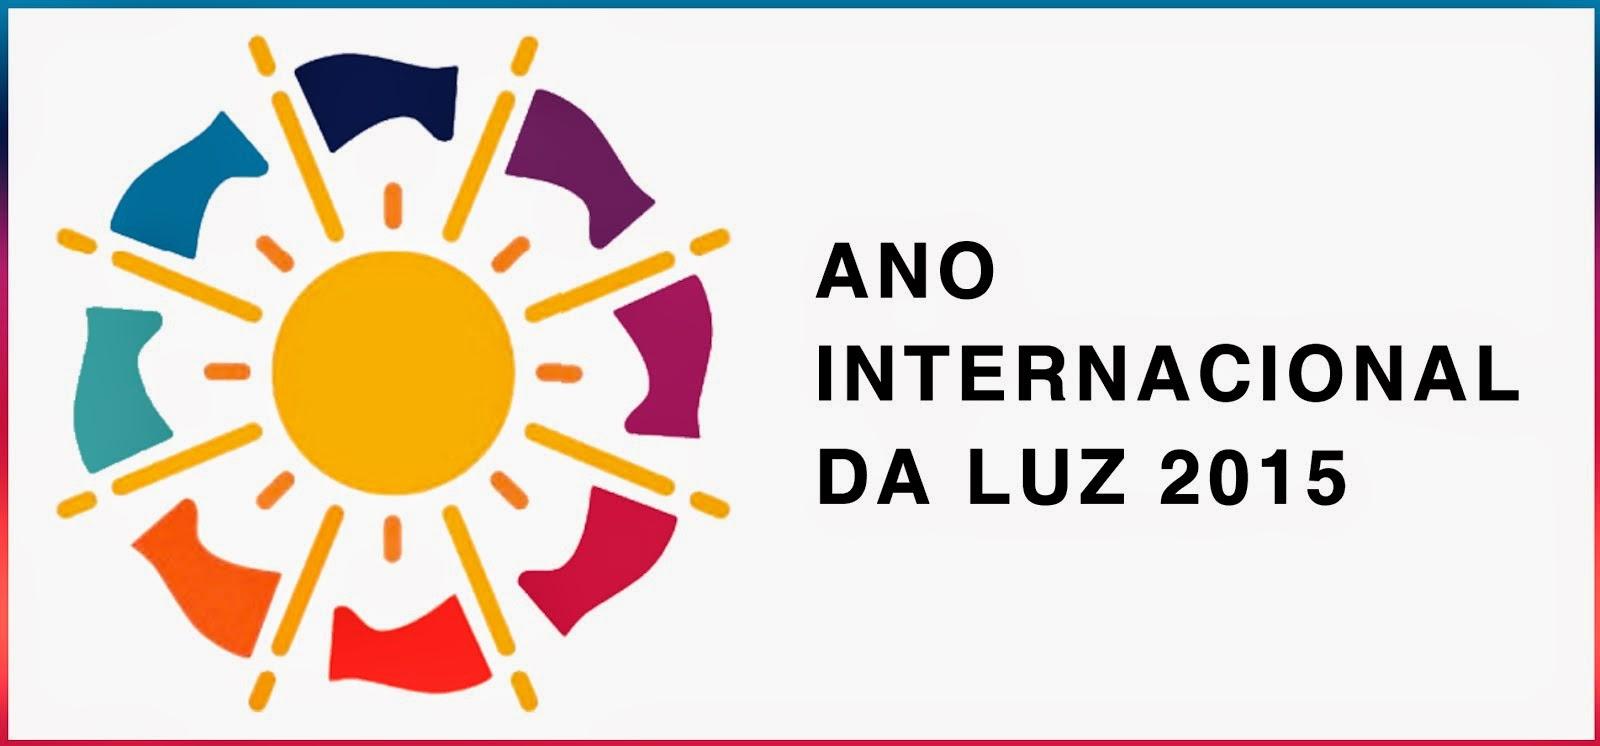 Ano Internacional da Luz - 2015